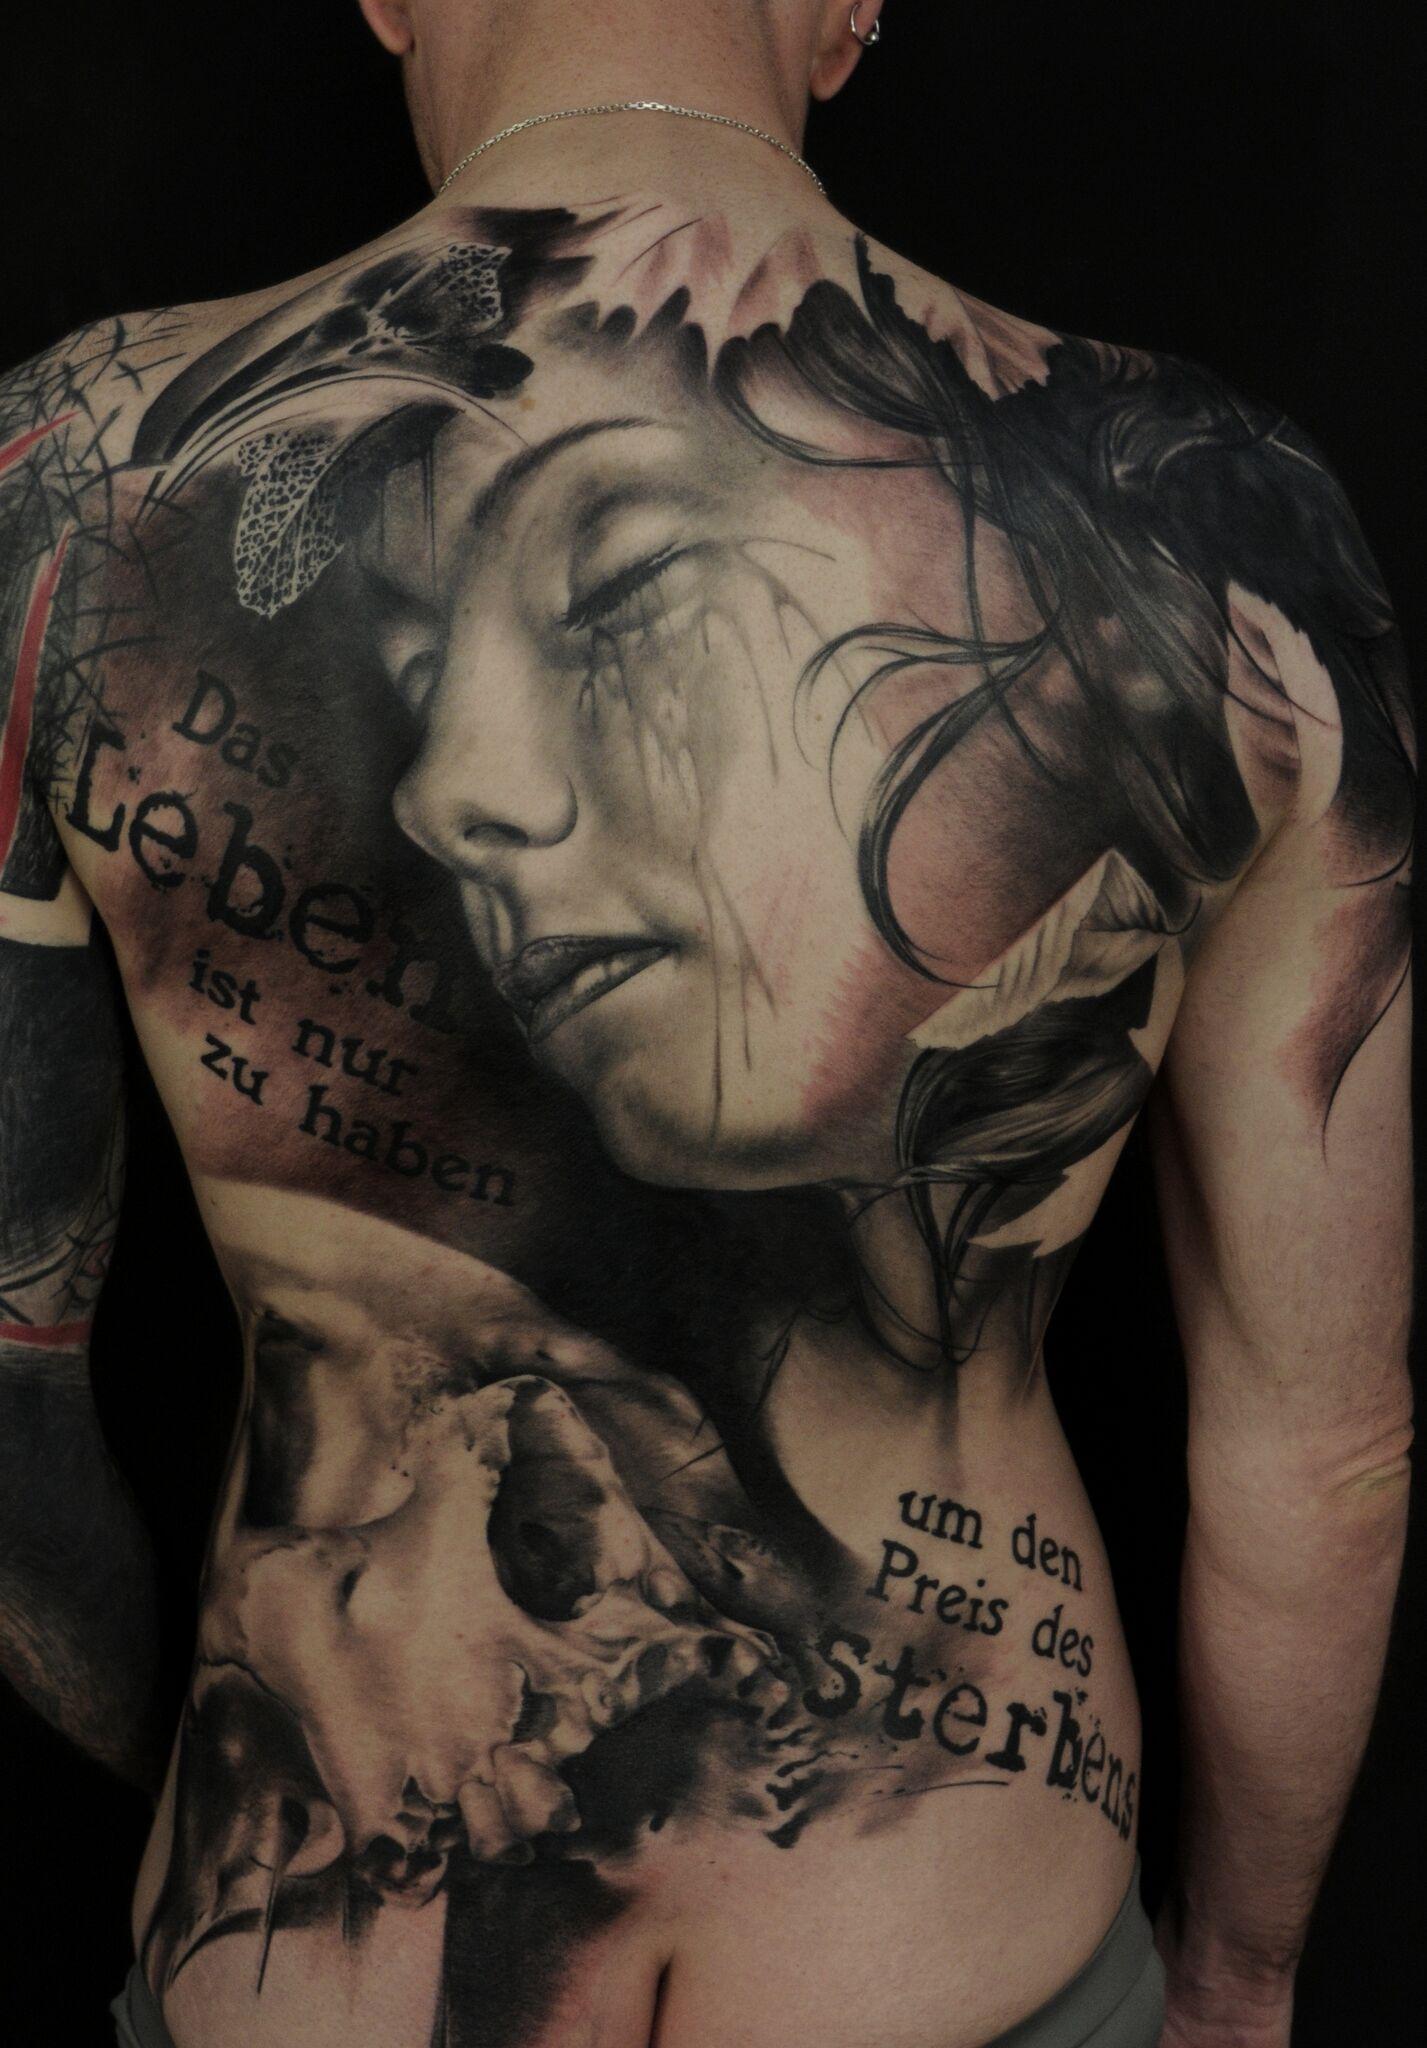 Vicious Cirlce Tattoo Studio Blaichach